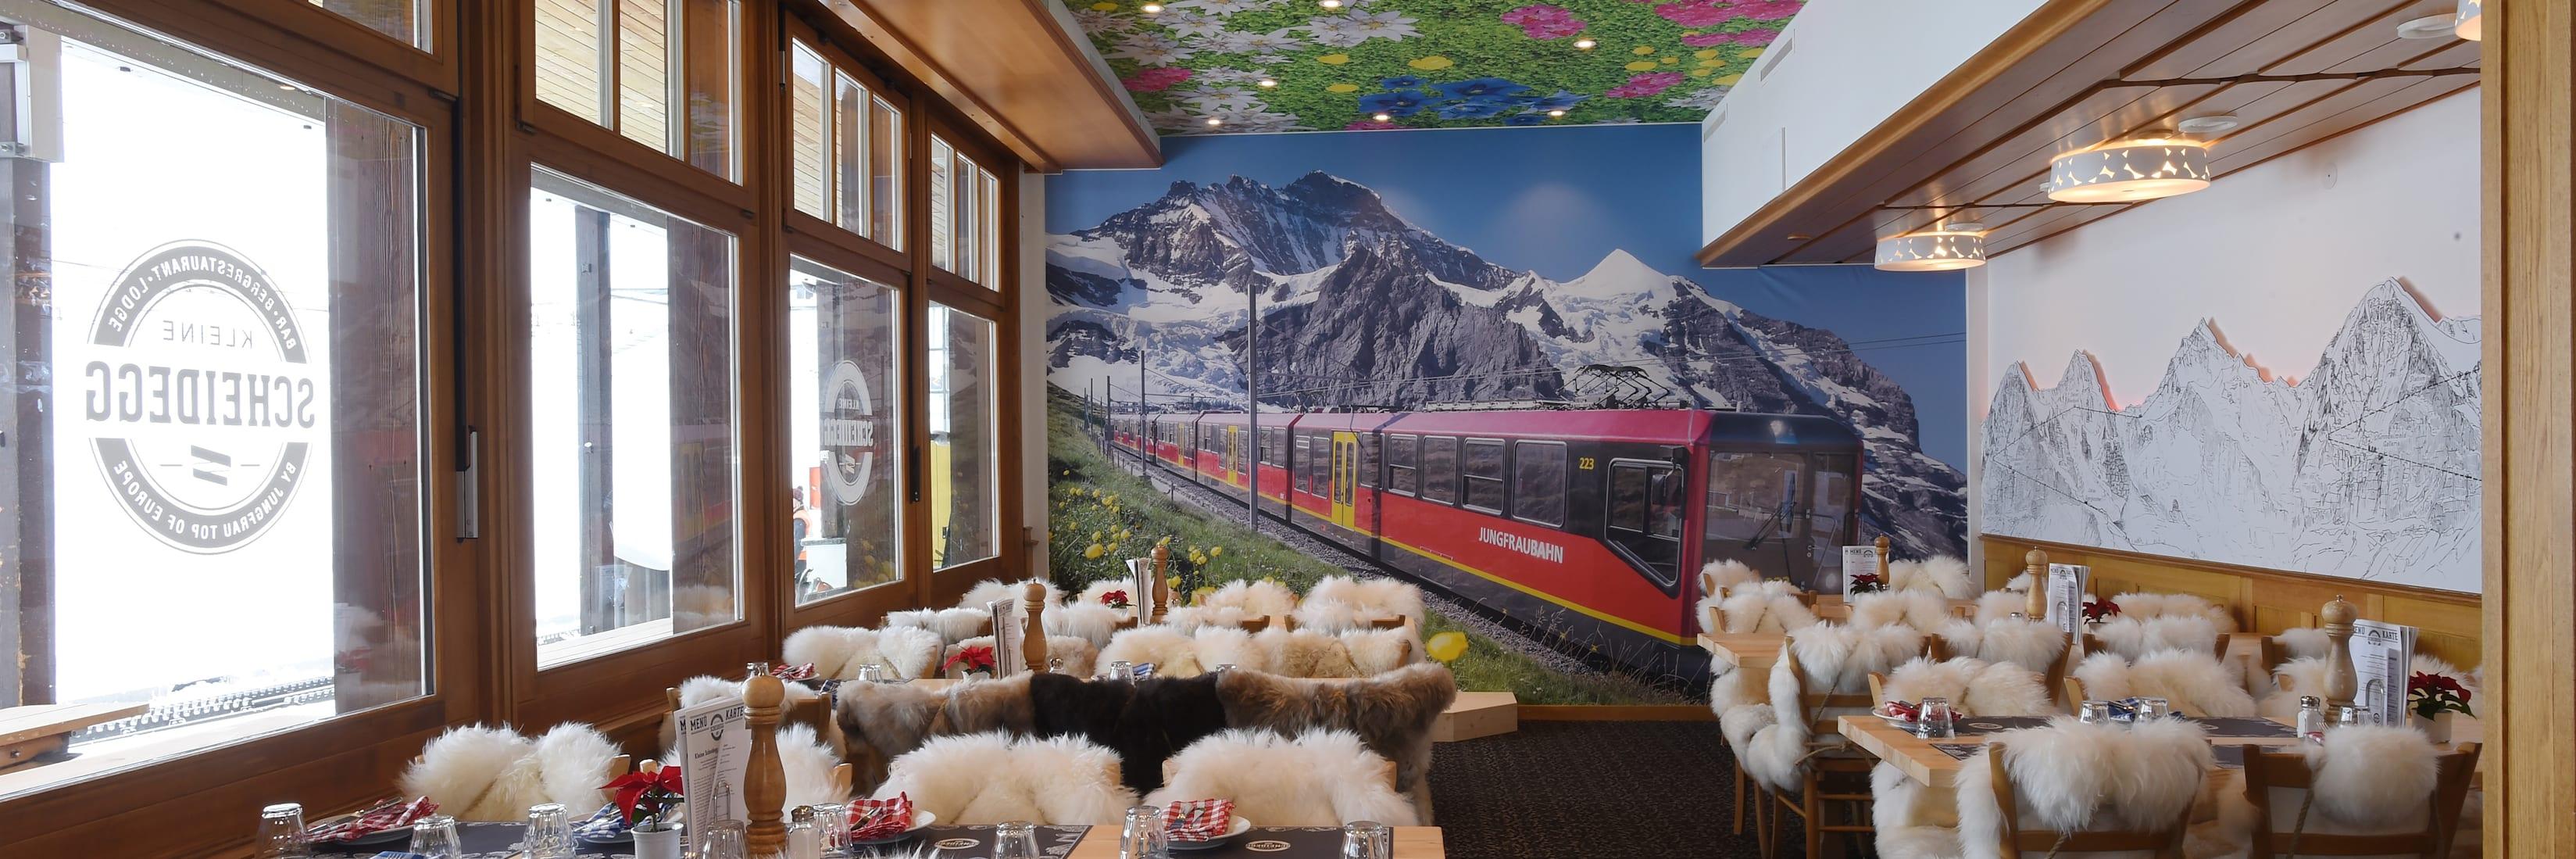 Bergrestaurant Kleine Scheidegg Jungfraustube